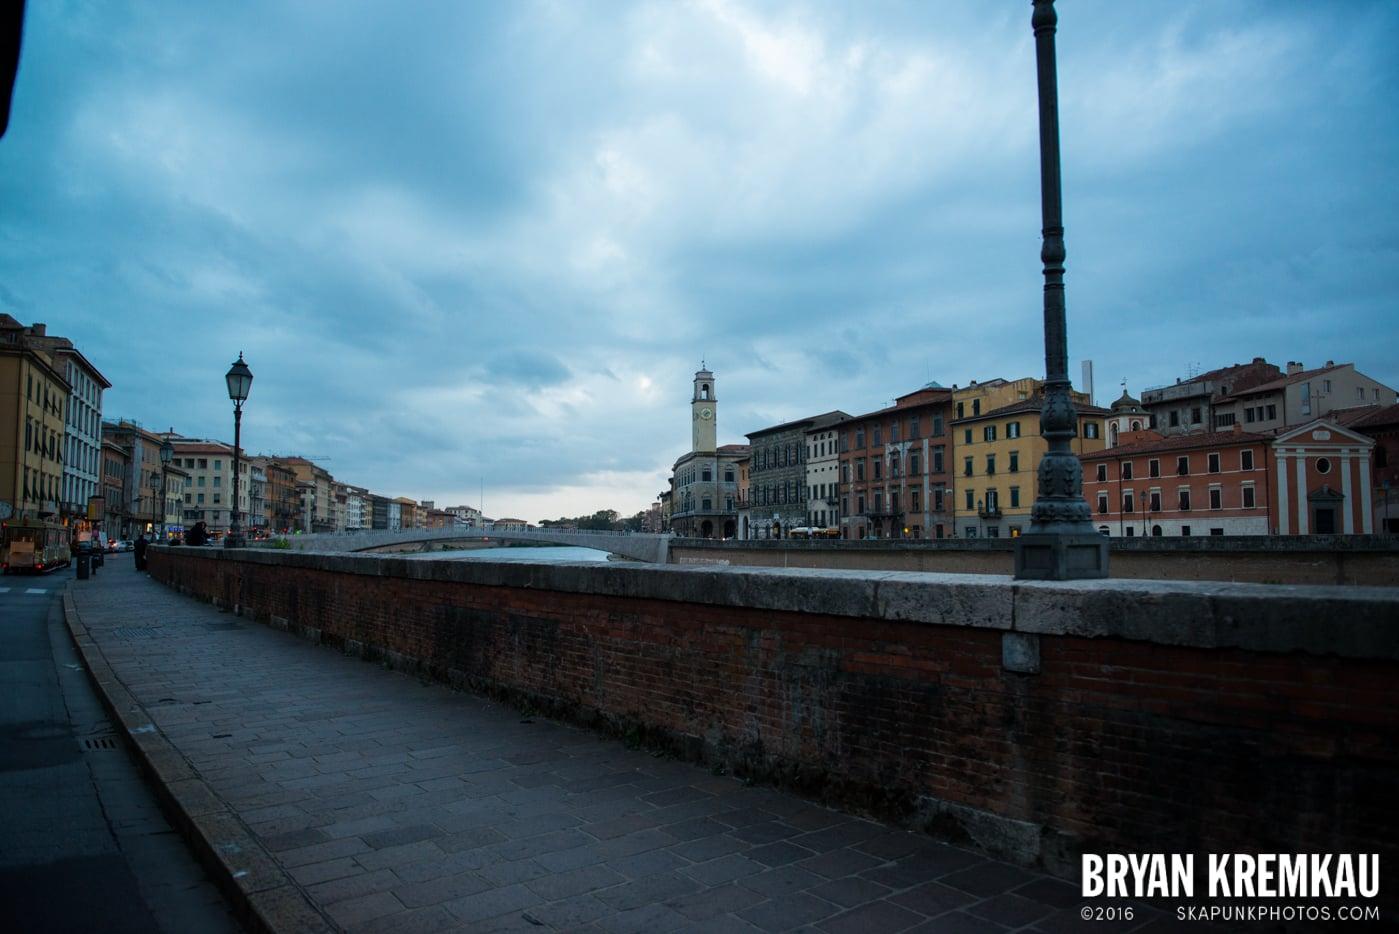 Italy Vacation - Day 8: Siena, San Gimignano, Chianti, Pisa - 9.16.13 (8)